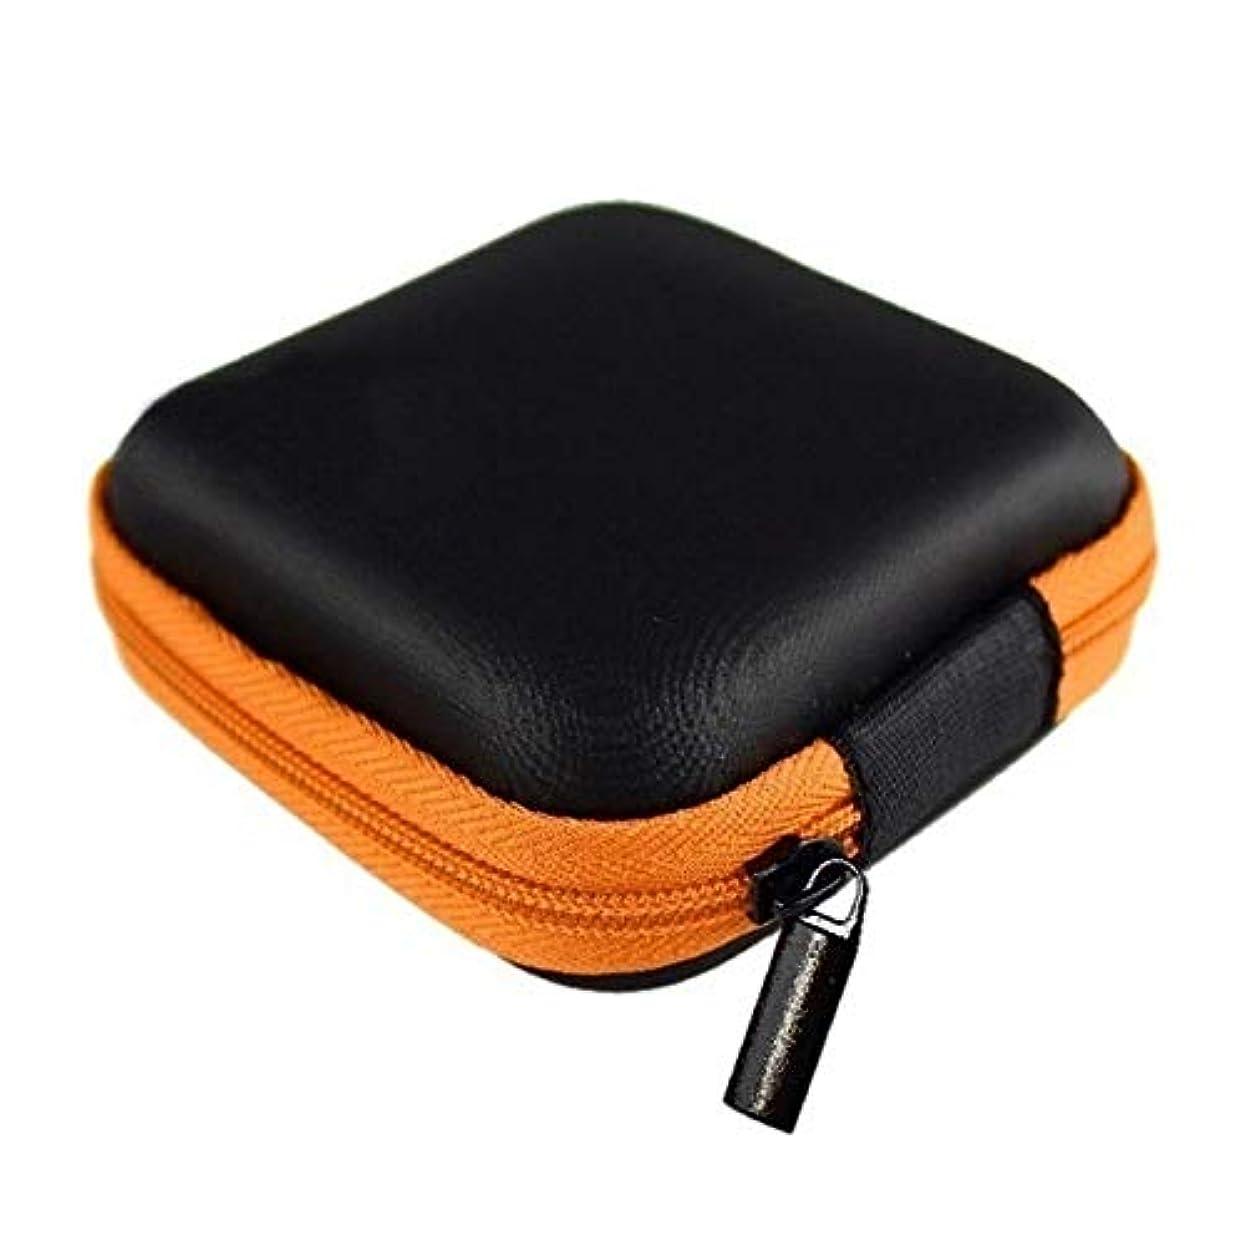 連隊蒸留する自治PYBHR LASPERALモバイルハードストレージボックスオーガナイザー耳カップディスクドライブストレージコンテナ電子部品収納ポーチ1PC多機能 (色 : Orange)